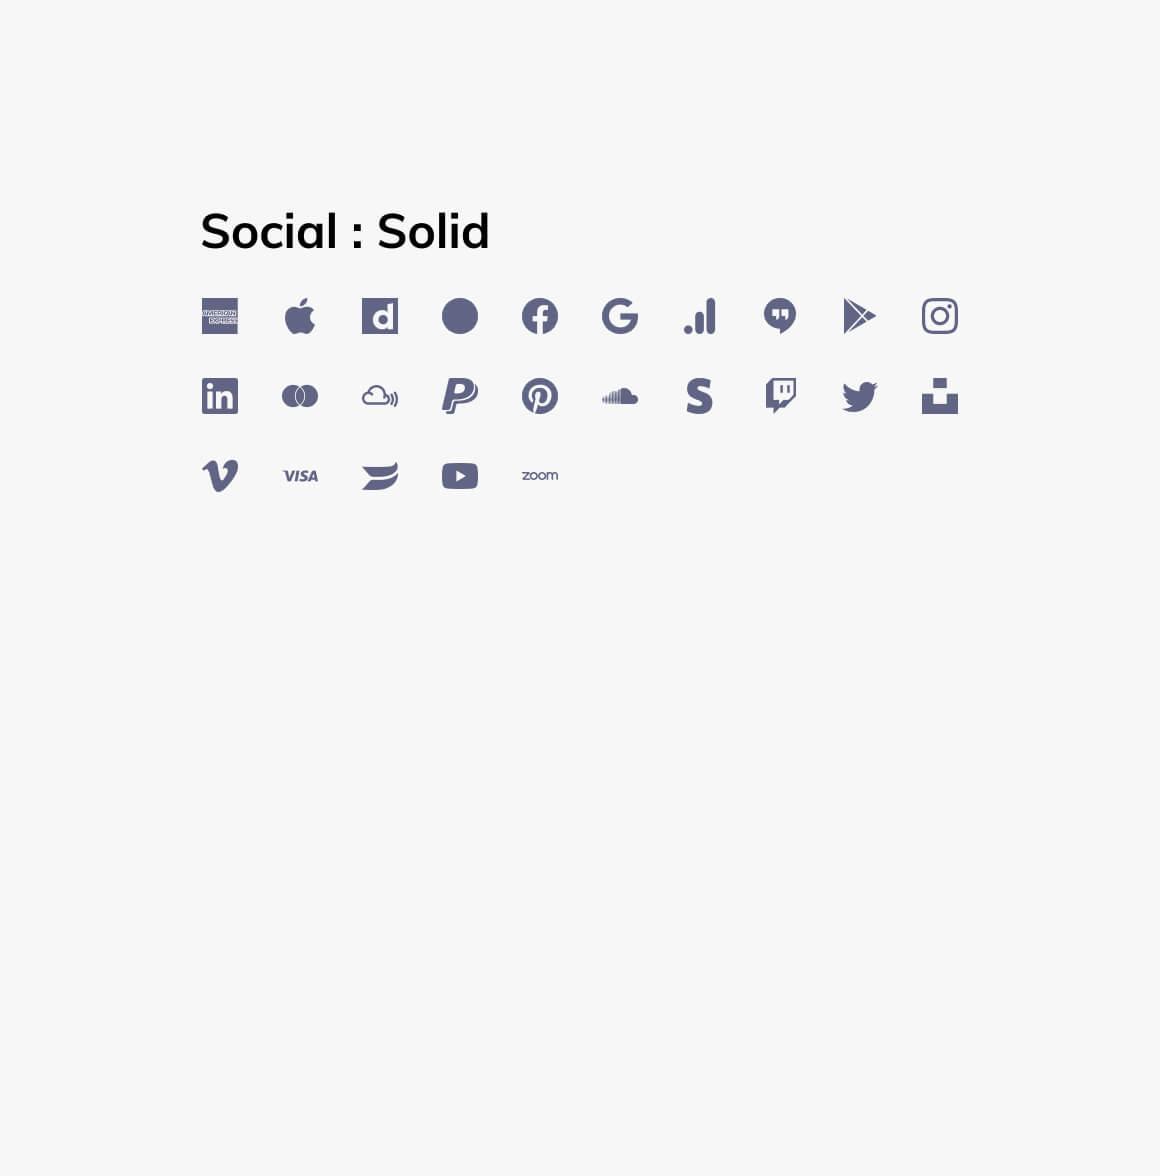 social solid